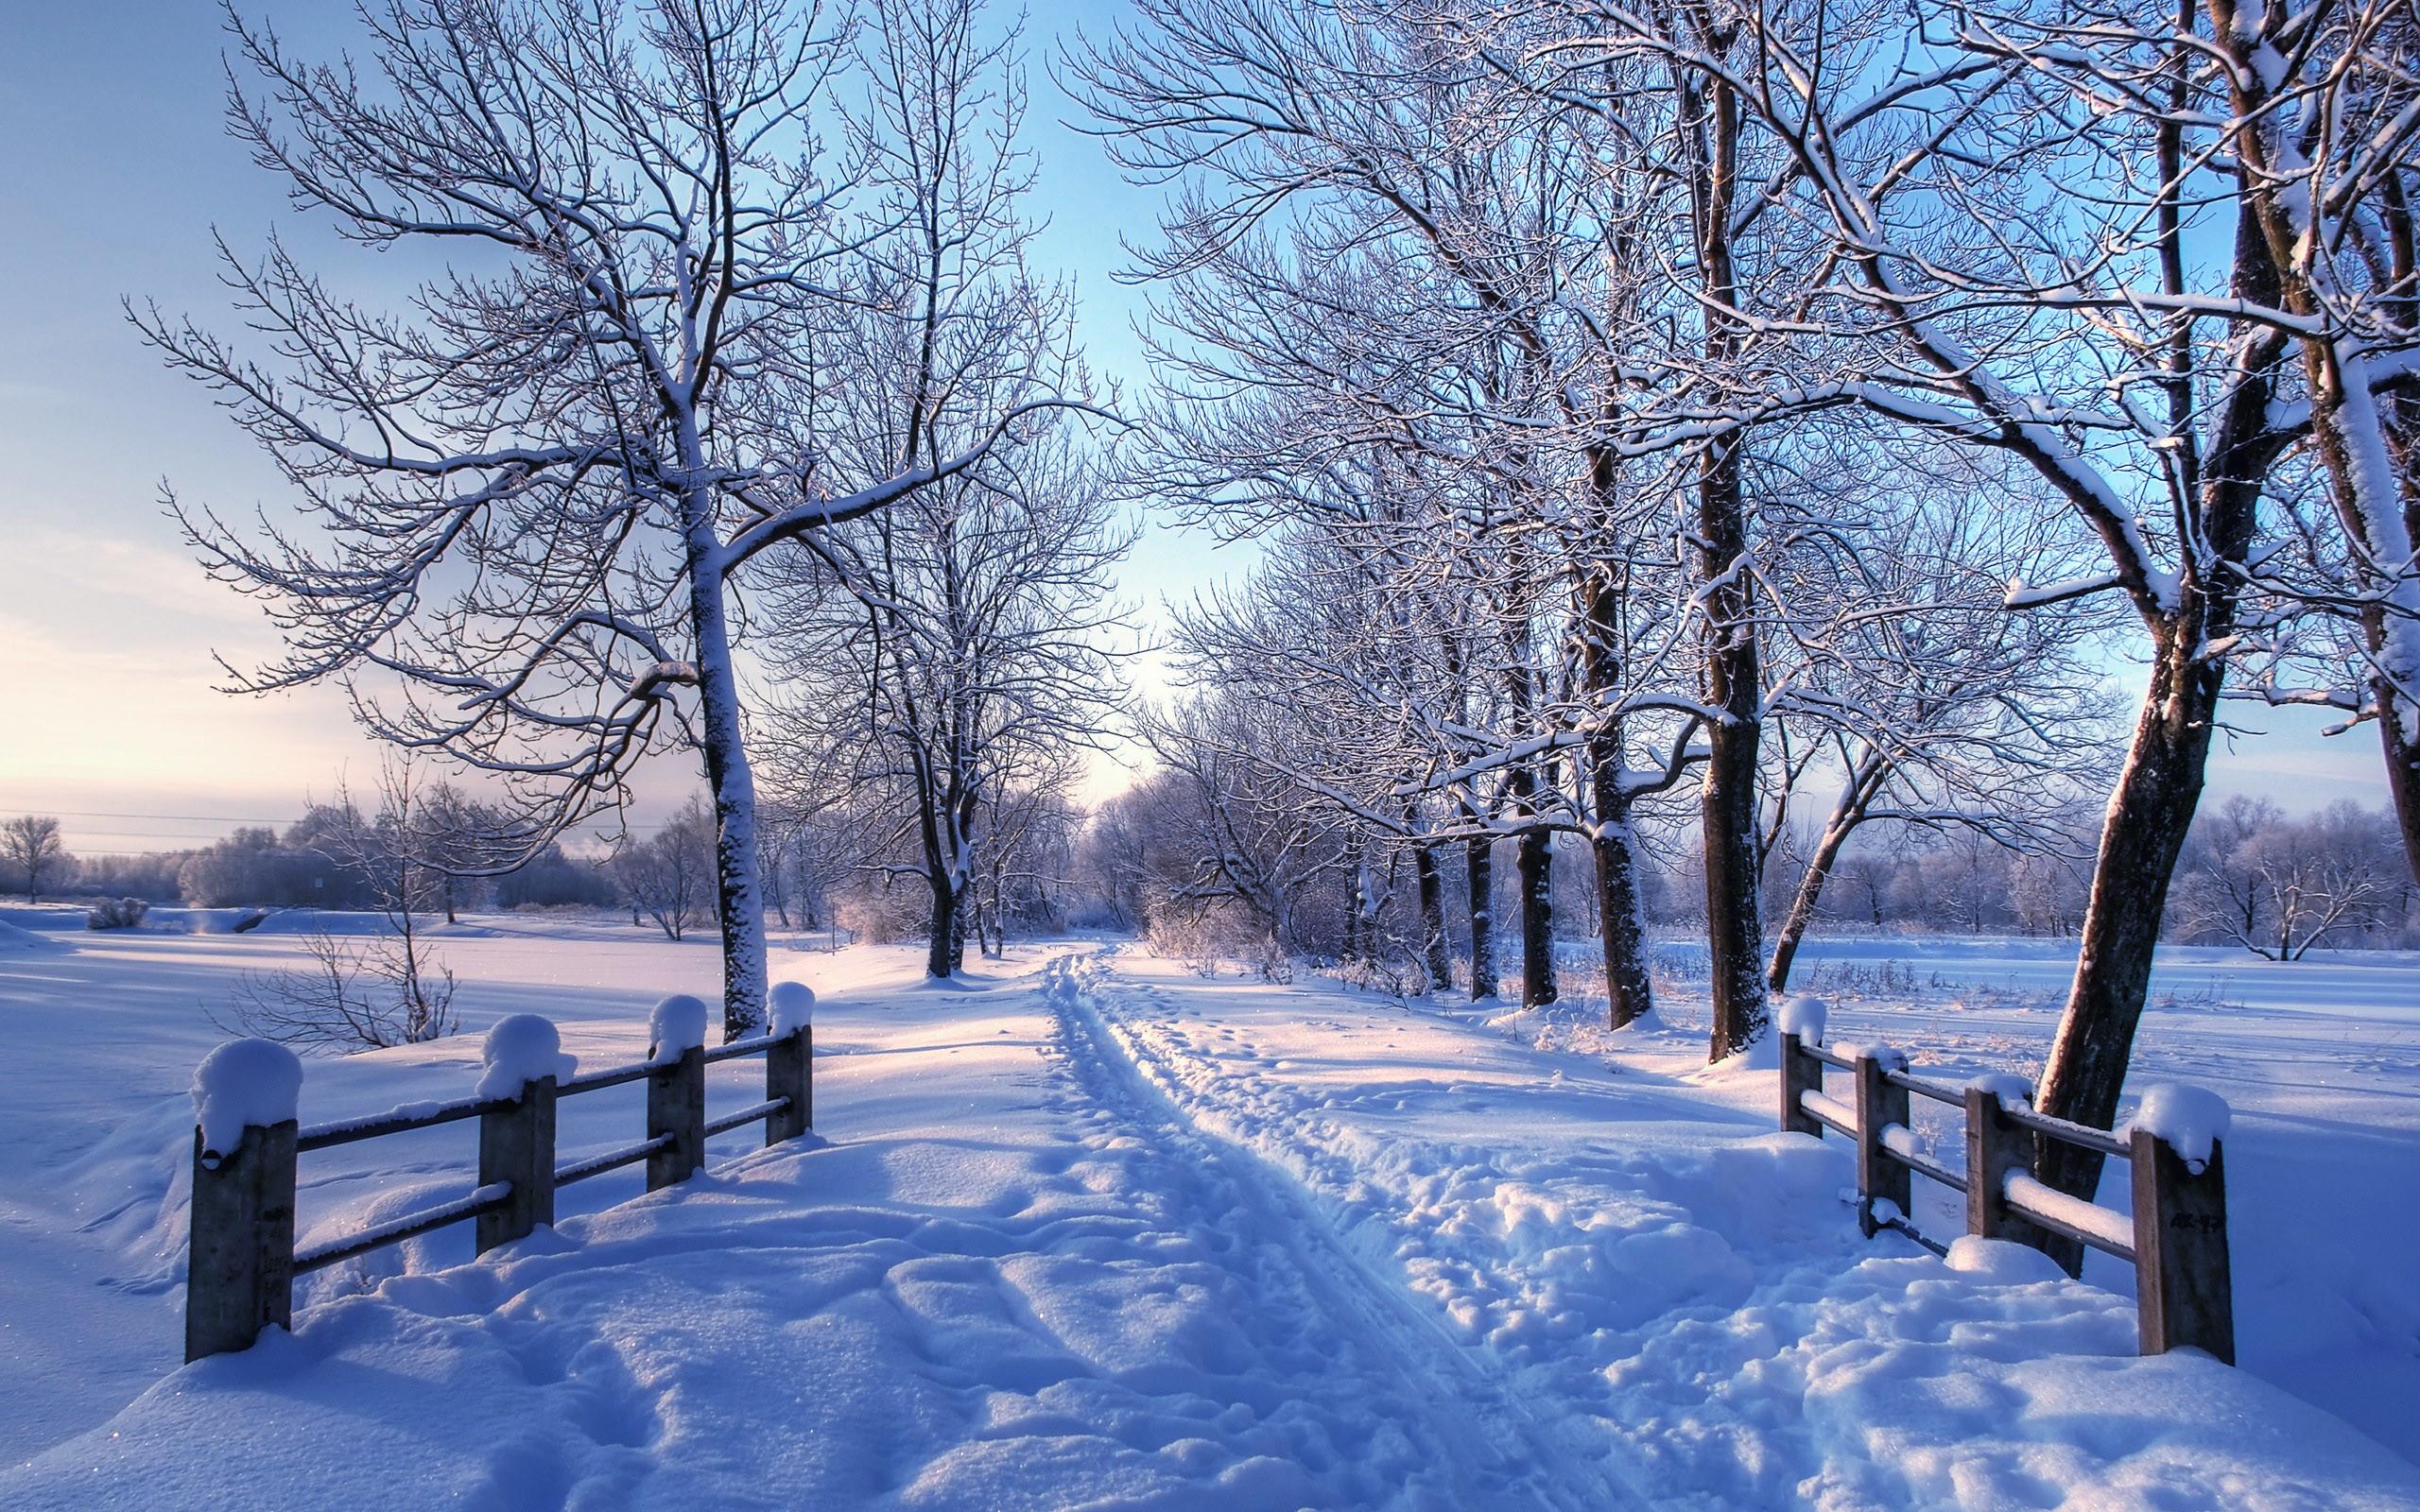 Snowy Desktop Backgrounds 46 images 2560x1600